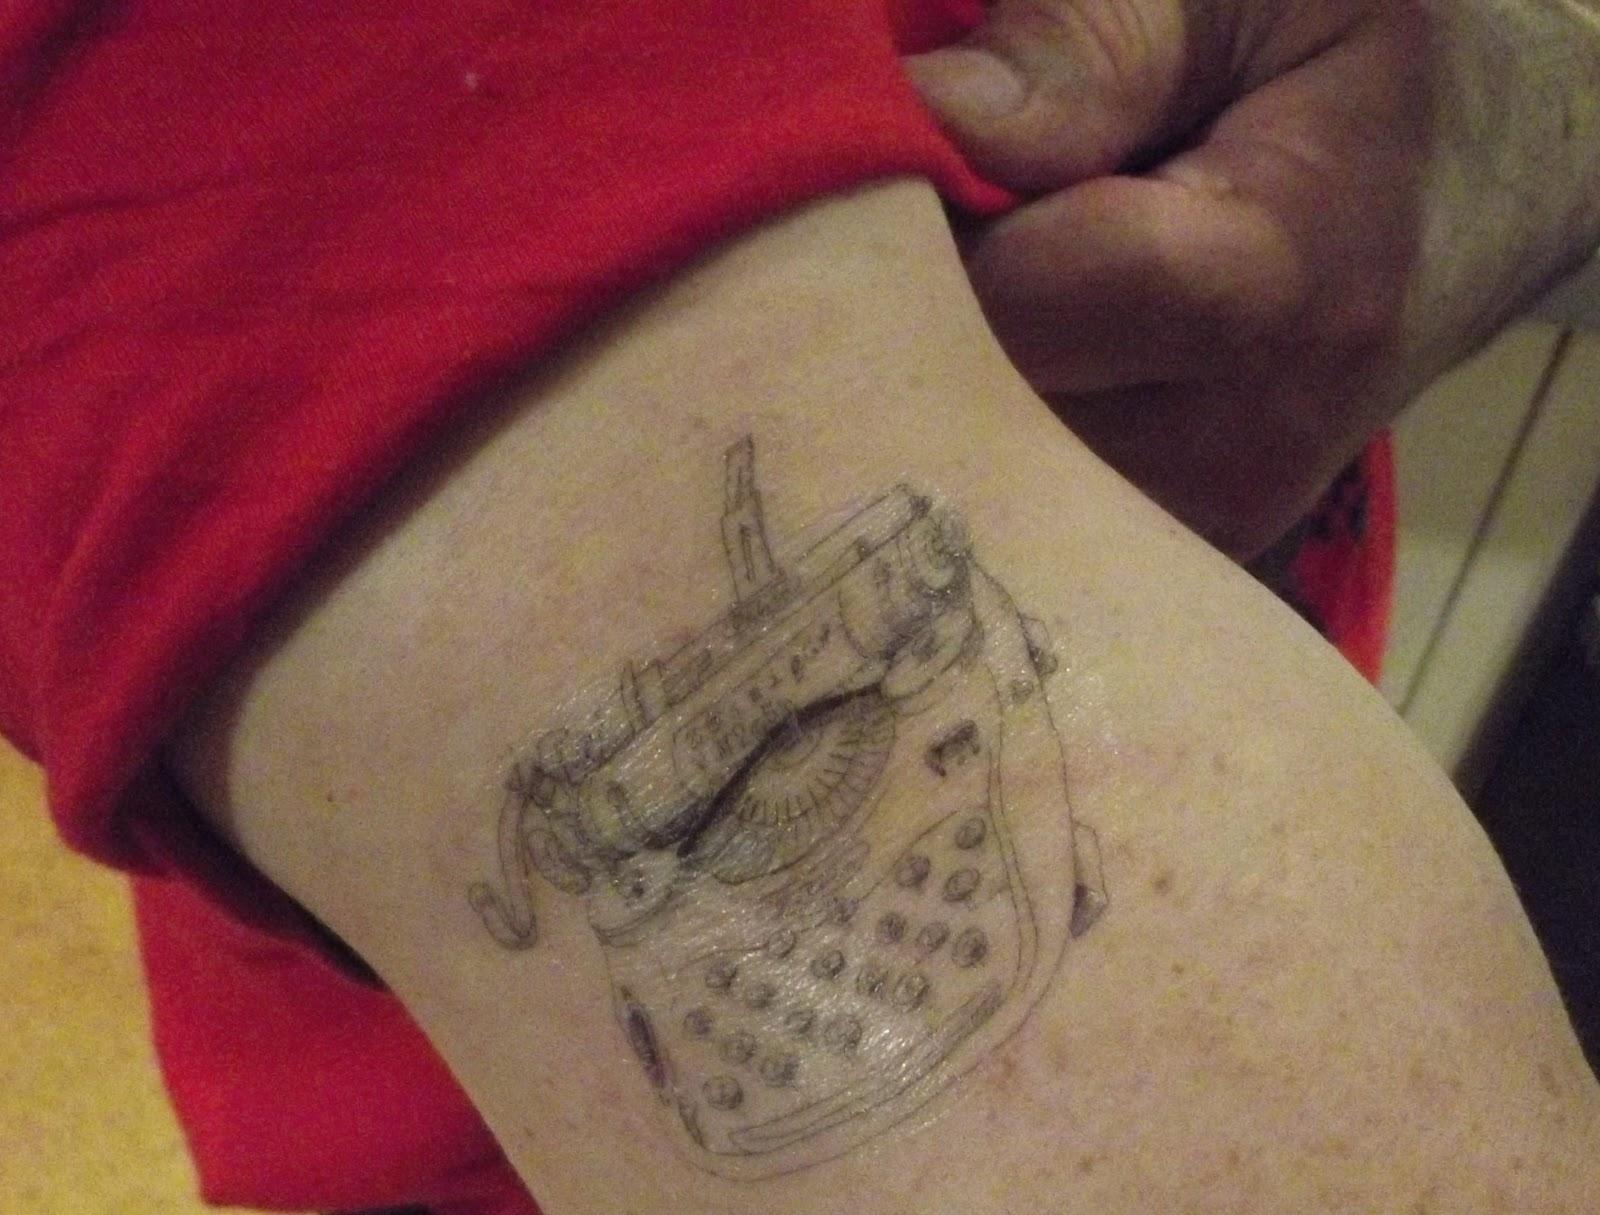 http://2.bp.blogspot.com/-o5ZKo6g8HJU/T0jBI-NKReI/AAAAAAAANO0/EvlakHHmPiw/s1600/Tattoo+004.JPG